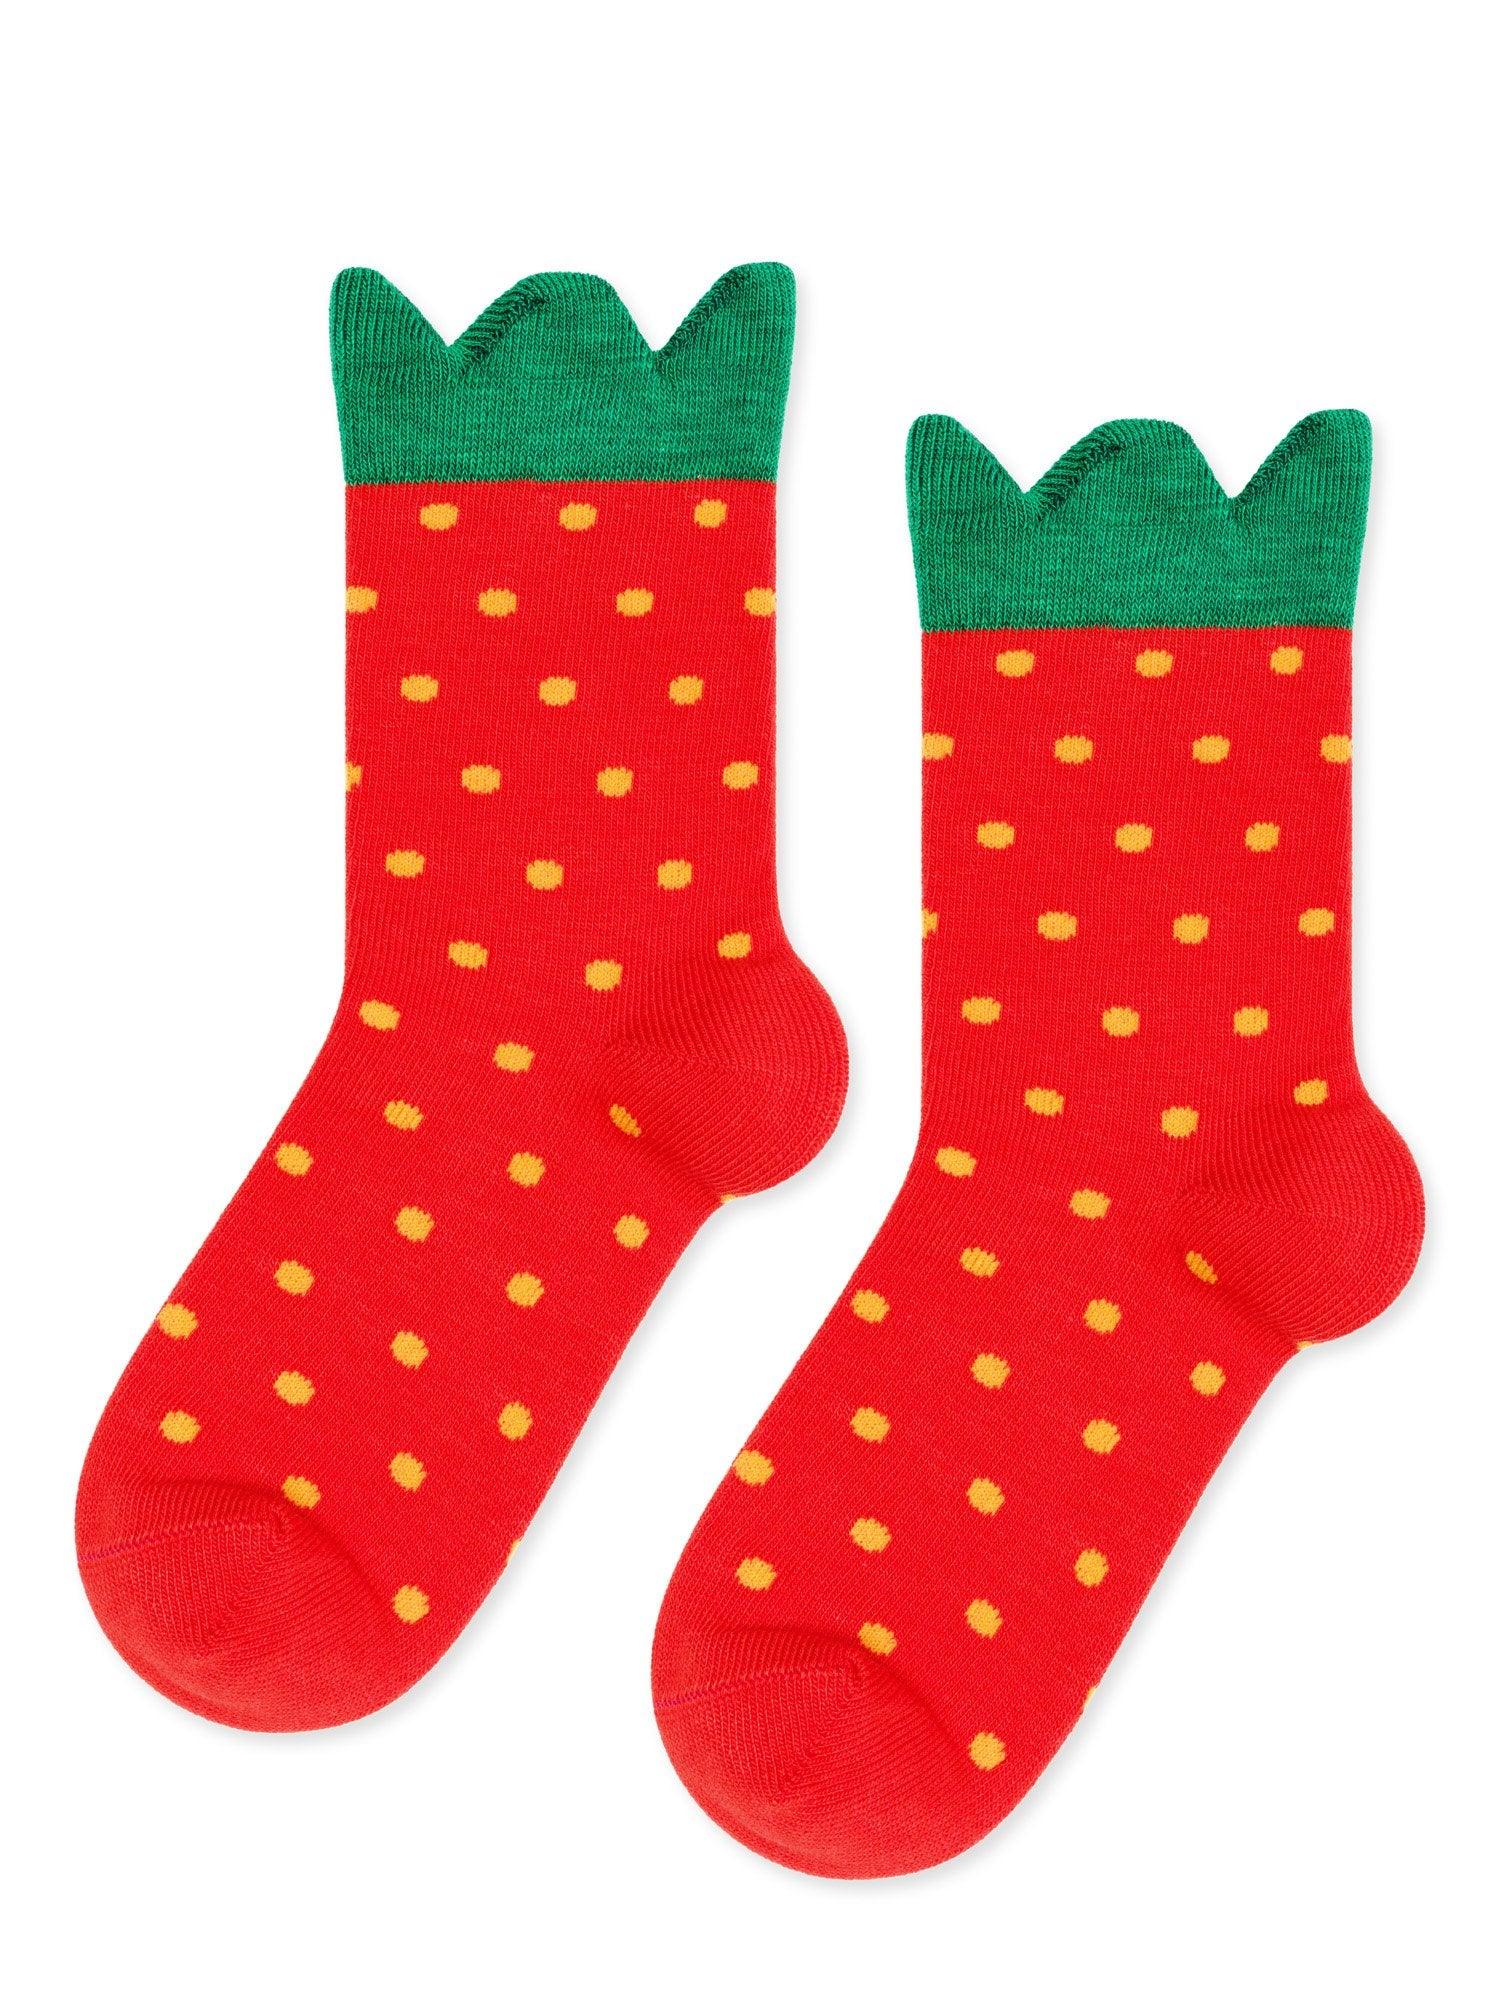 hfb_ccw27f_mini_strawberry_crew_red_fd3e92ca-689f-4de6-8a30-2f00fcbfa183